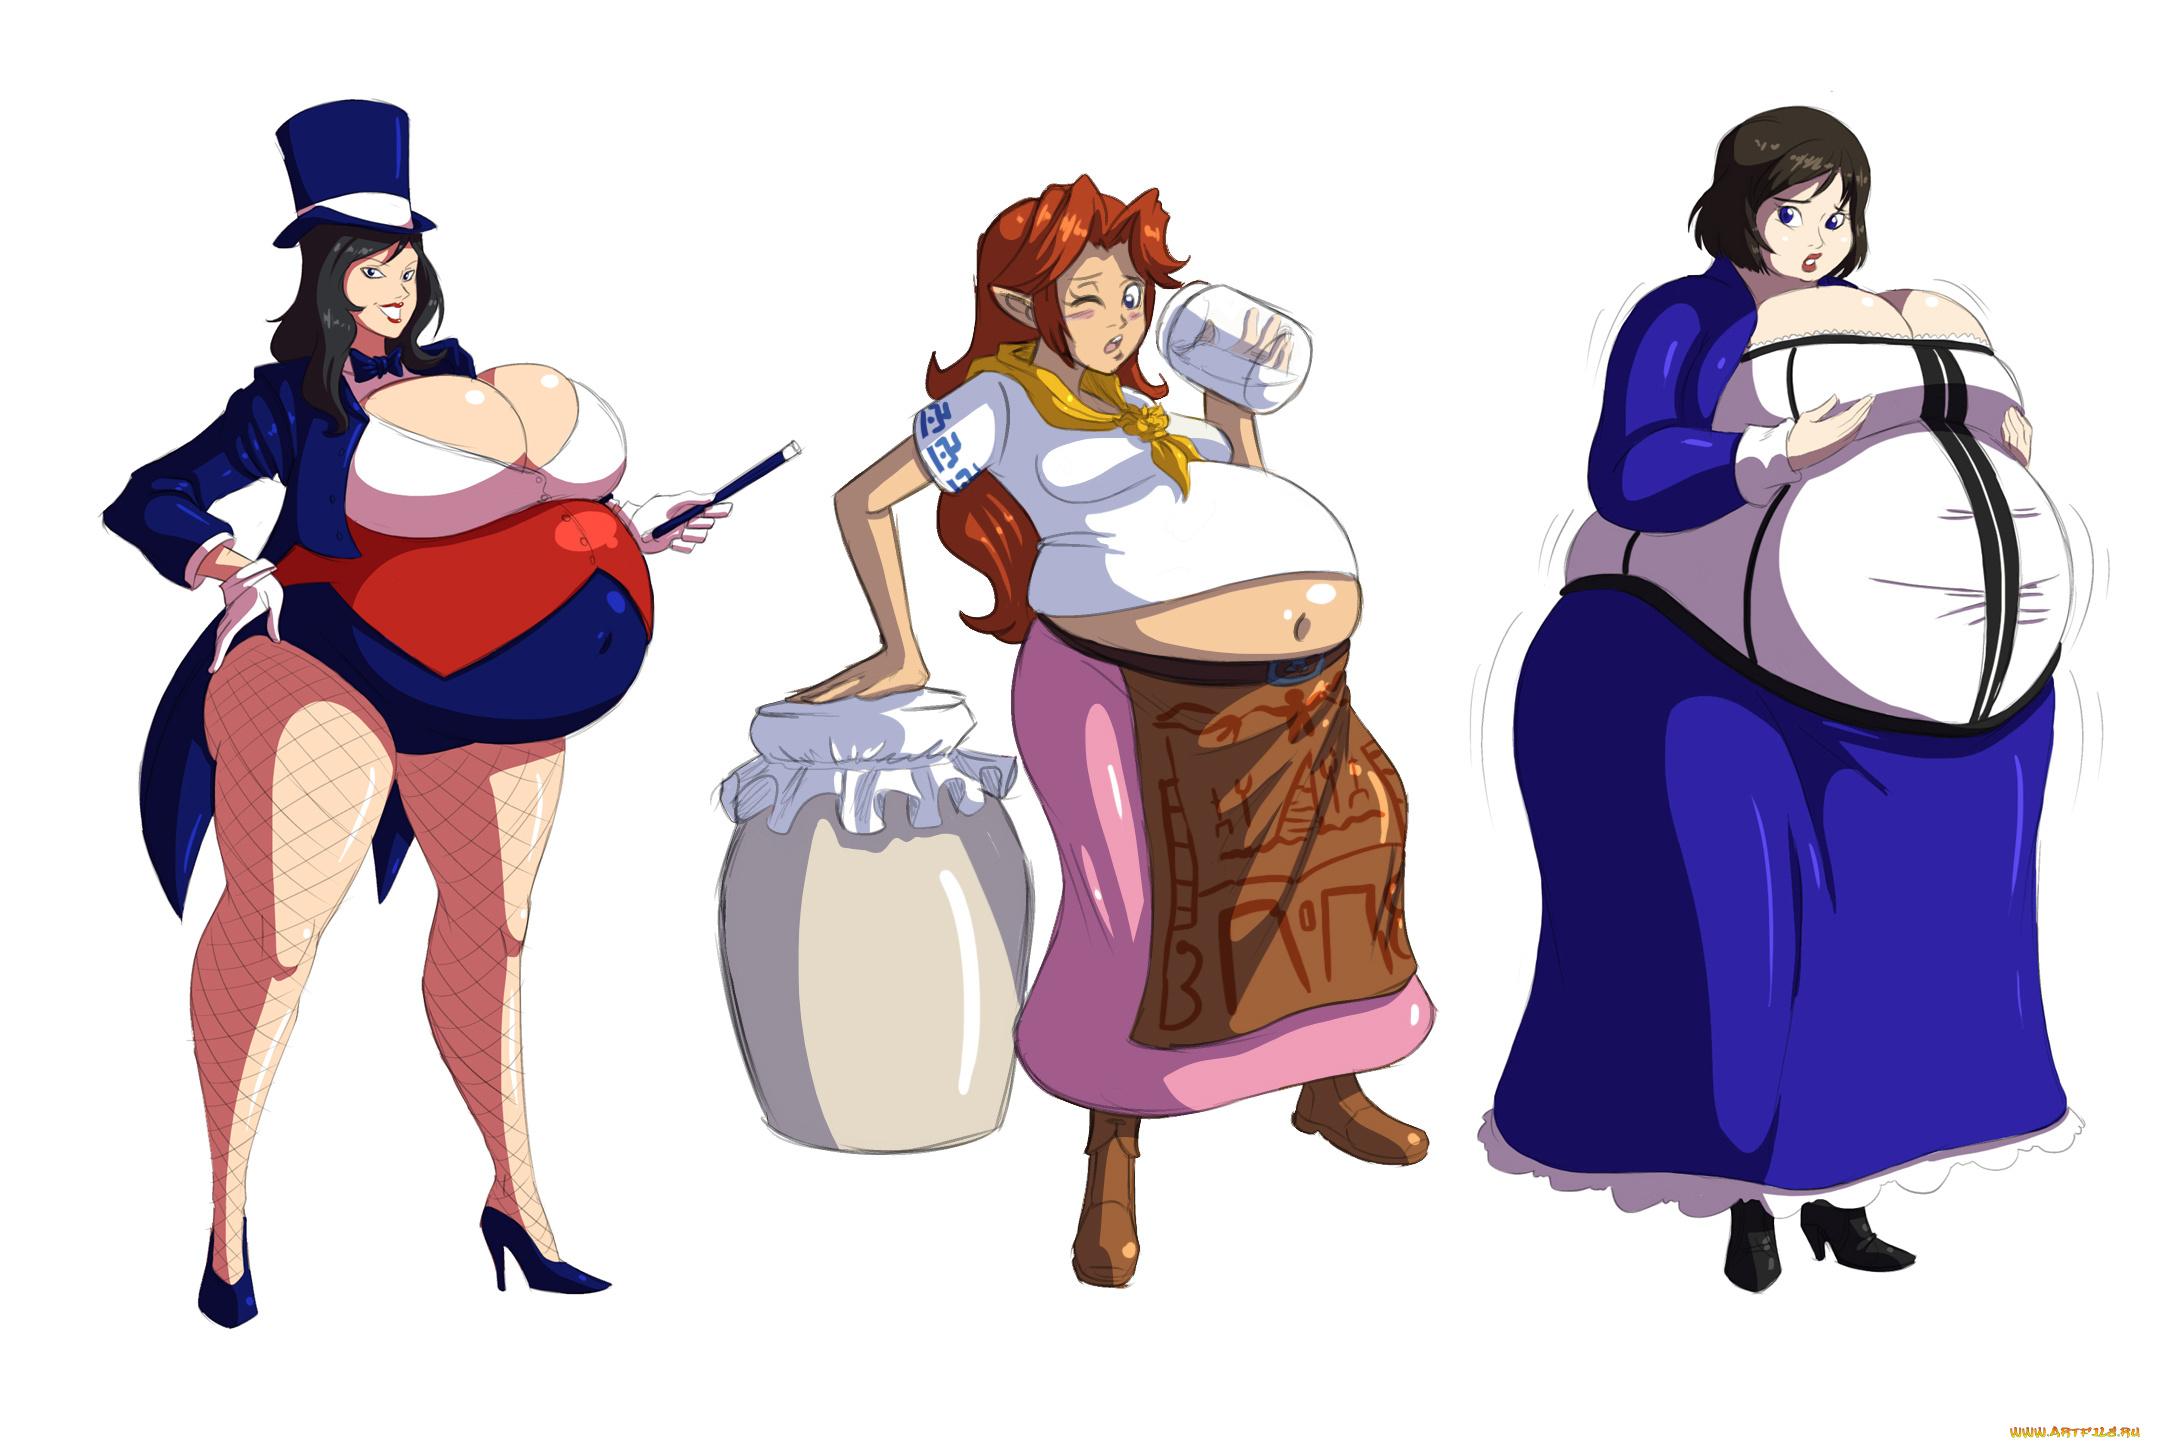 толстая жопа  смешные картинки и другие приколы комиксы